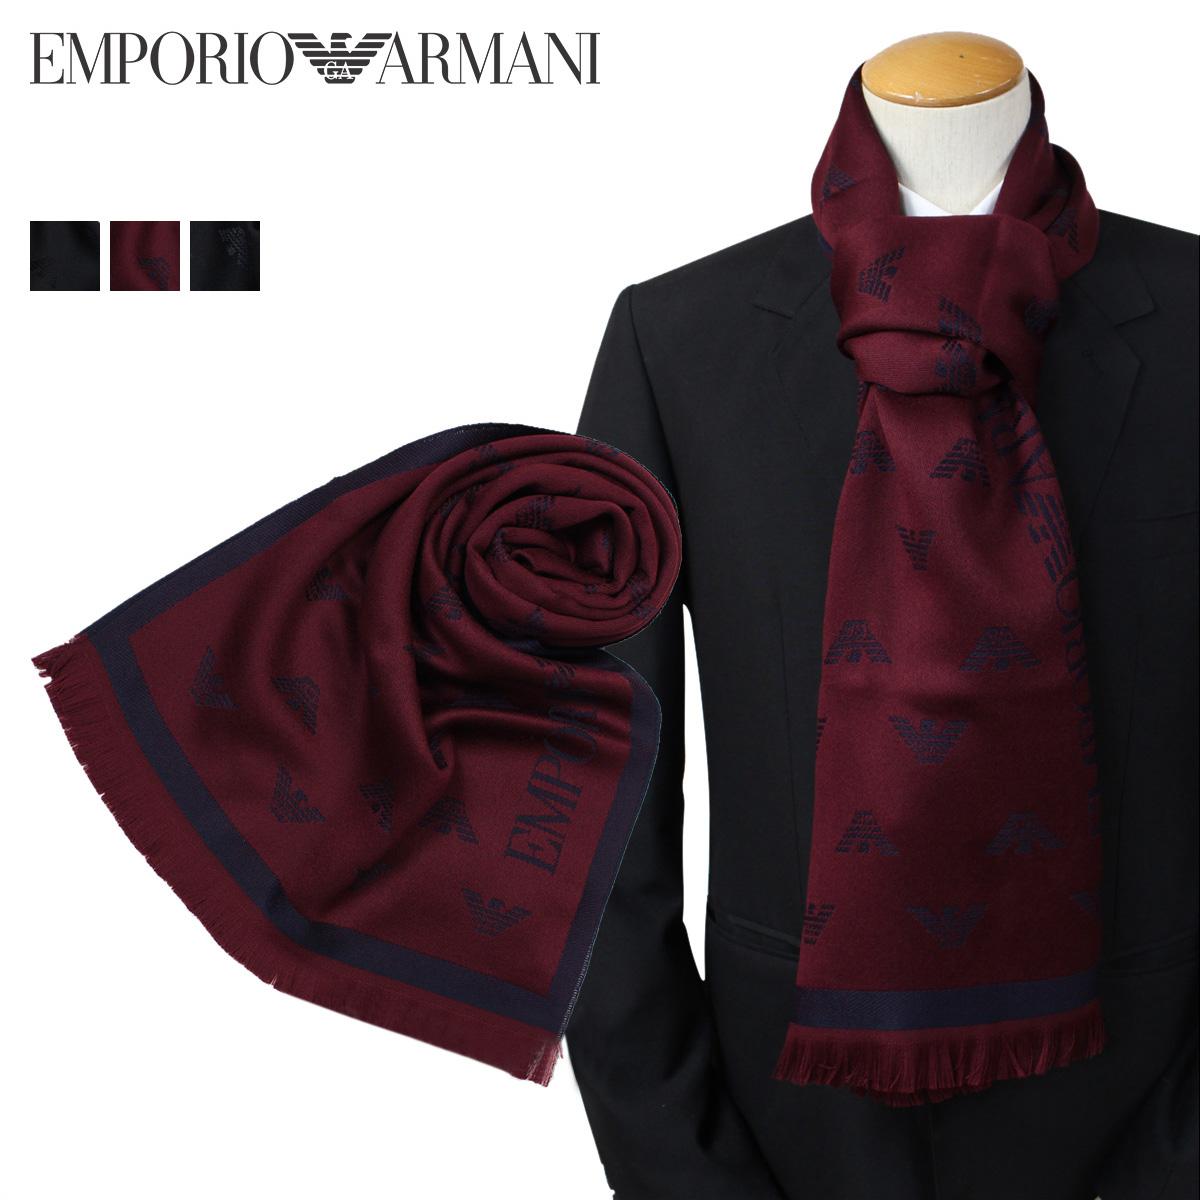 【楽天市場】エンポリオ アルマーニ マフラー メンズ EMPORIO ARMANI ウール イタリア製 ビジ...